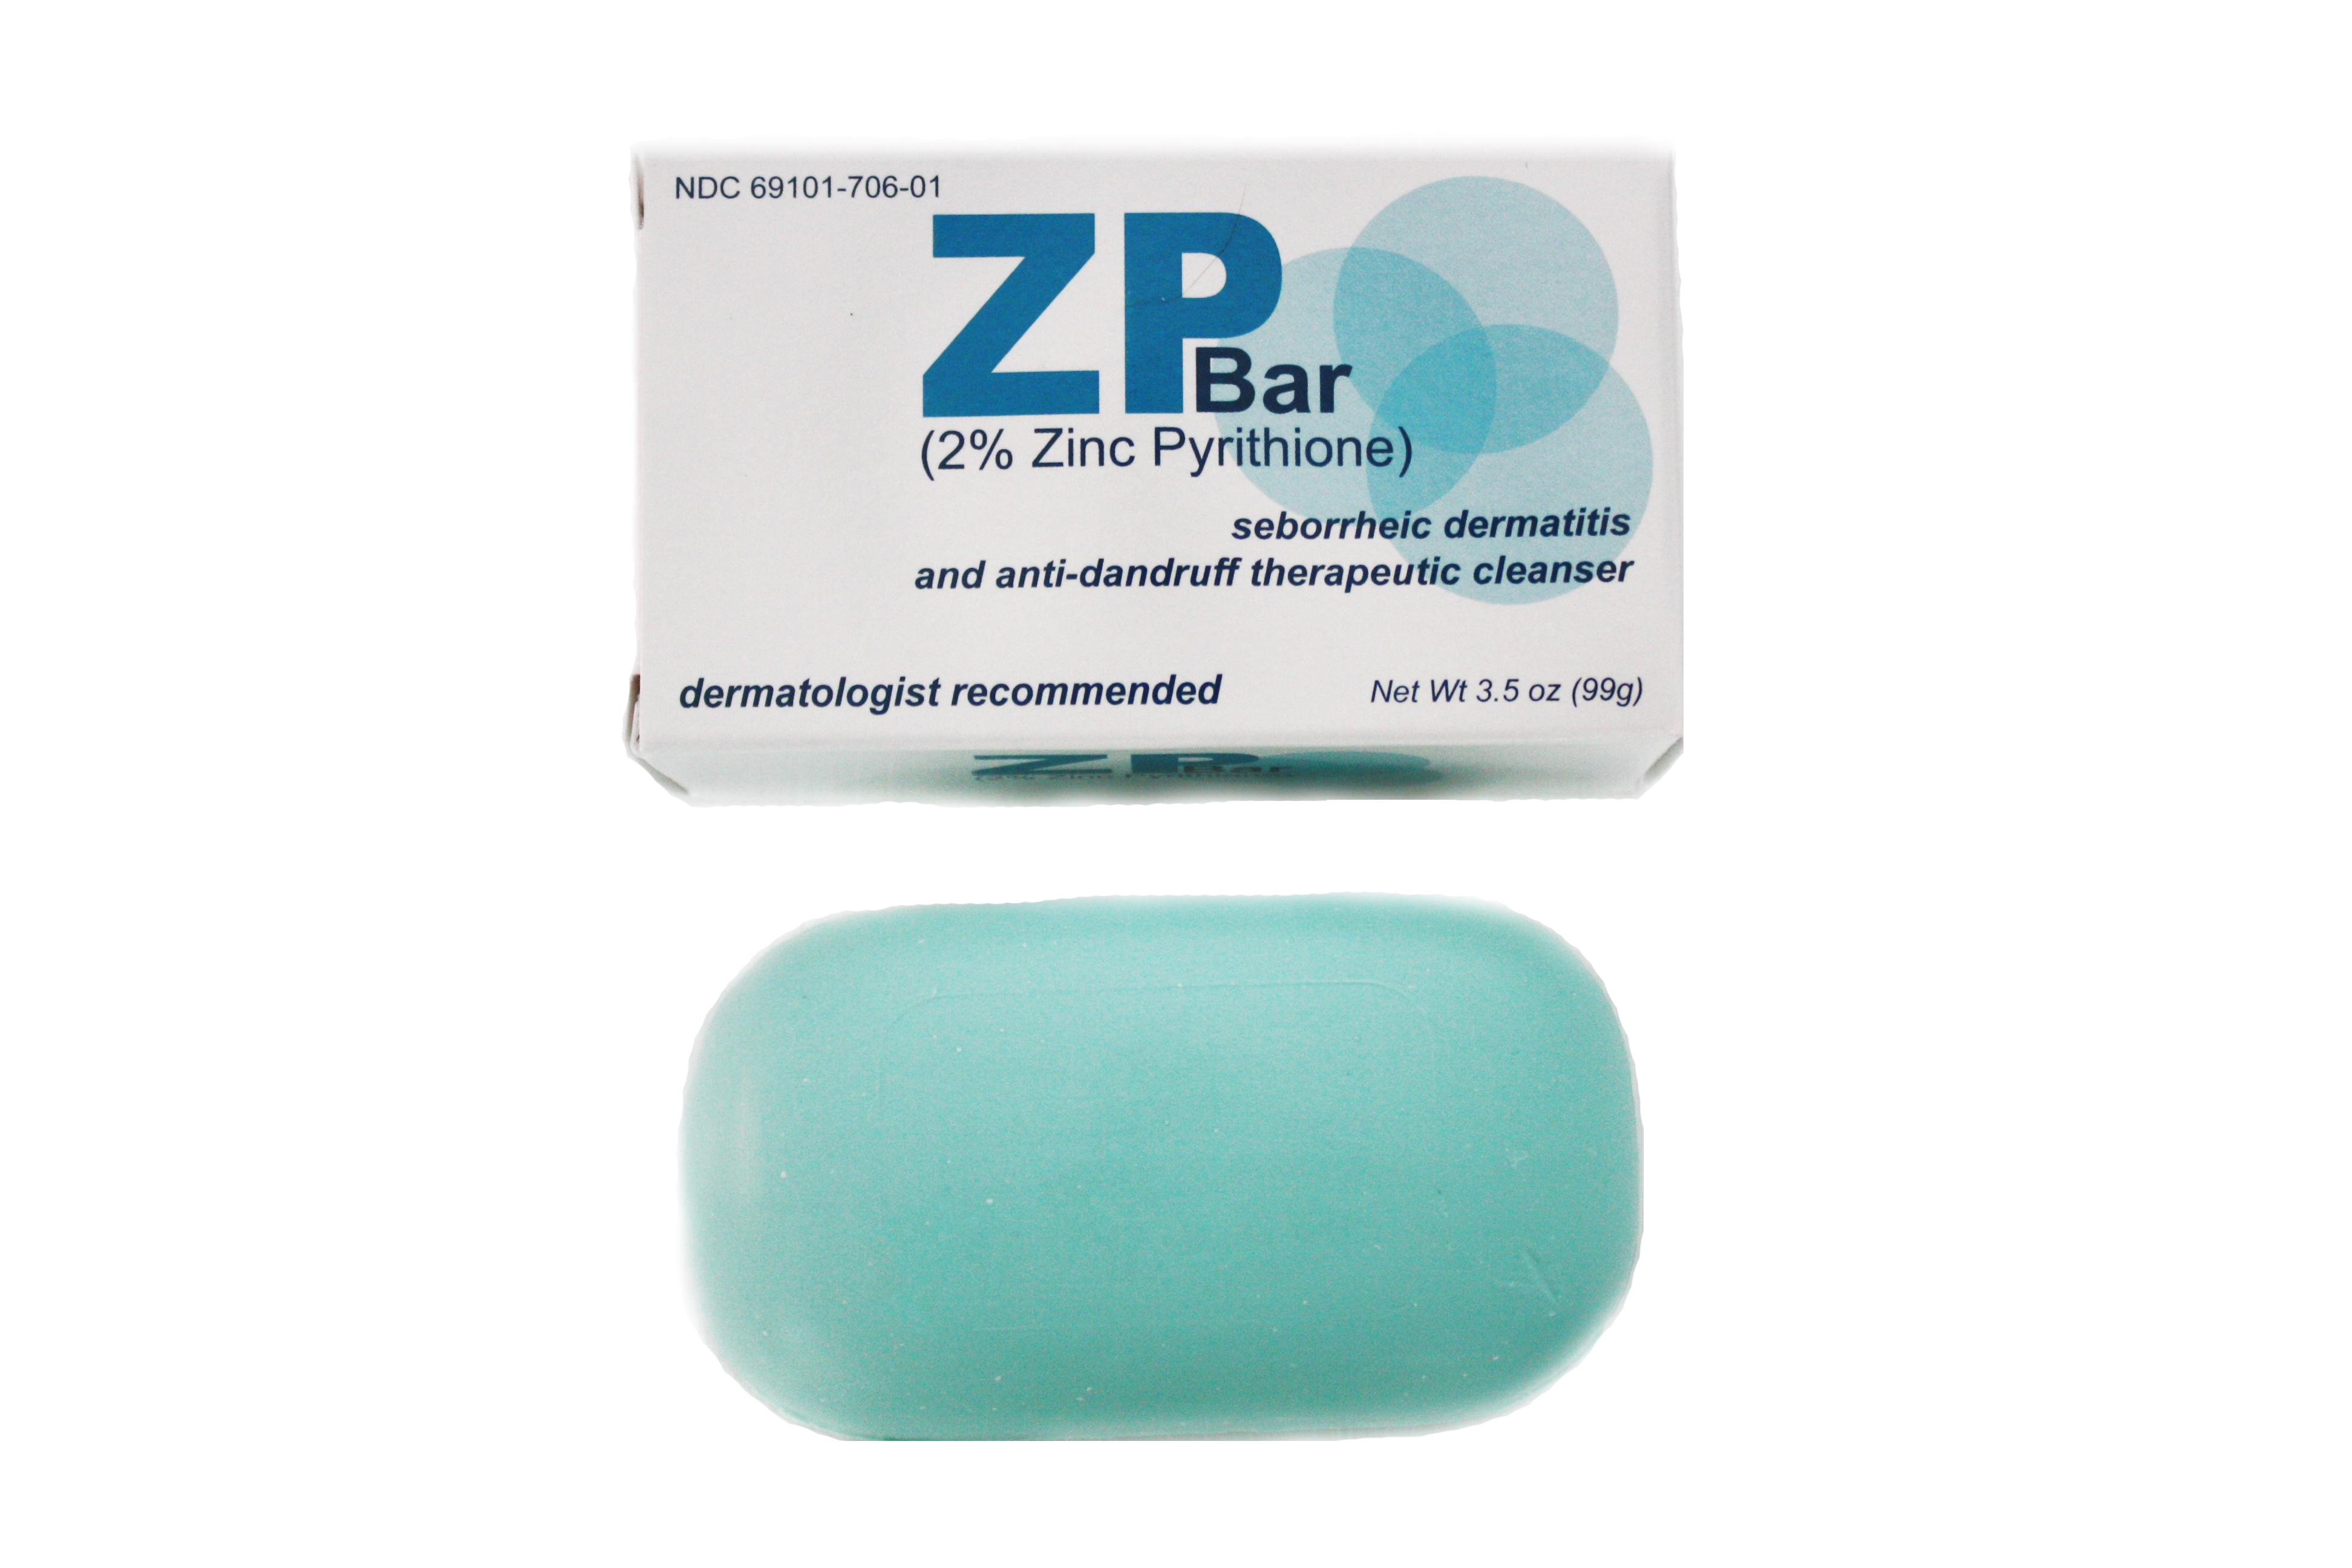 ZP Bar